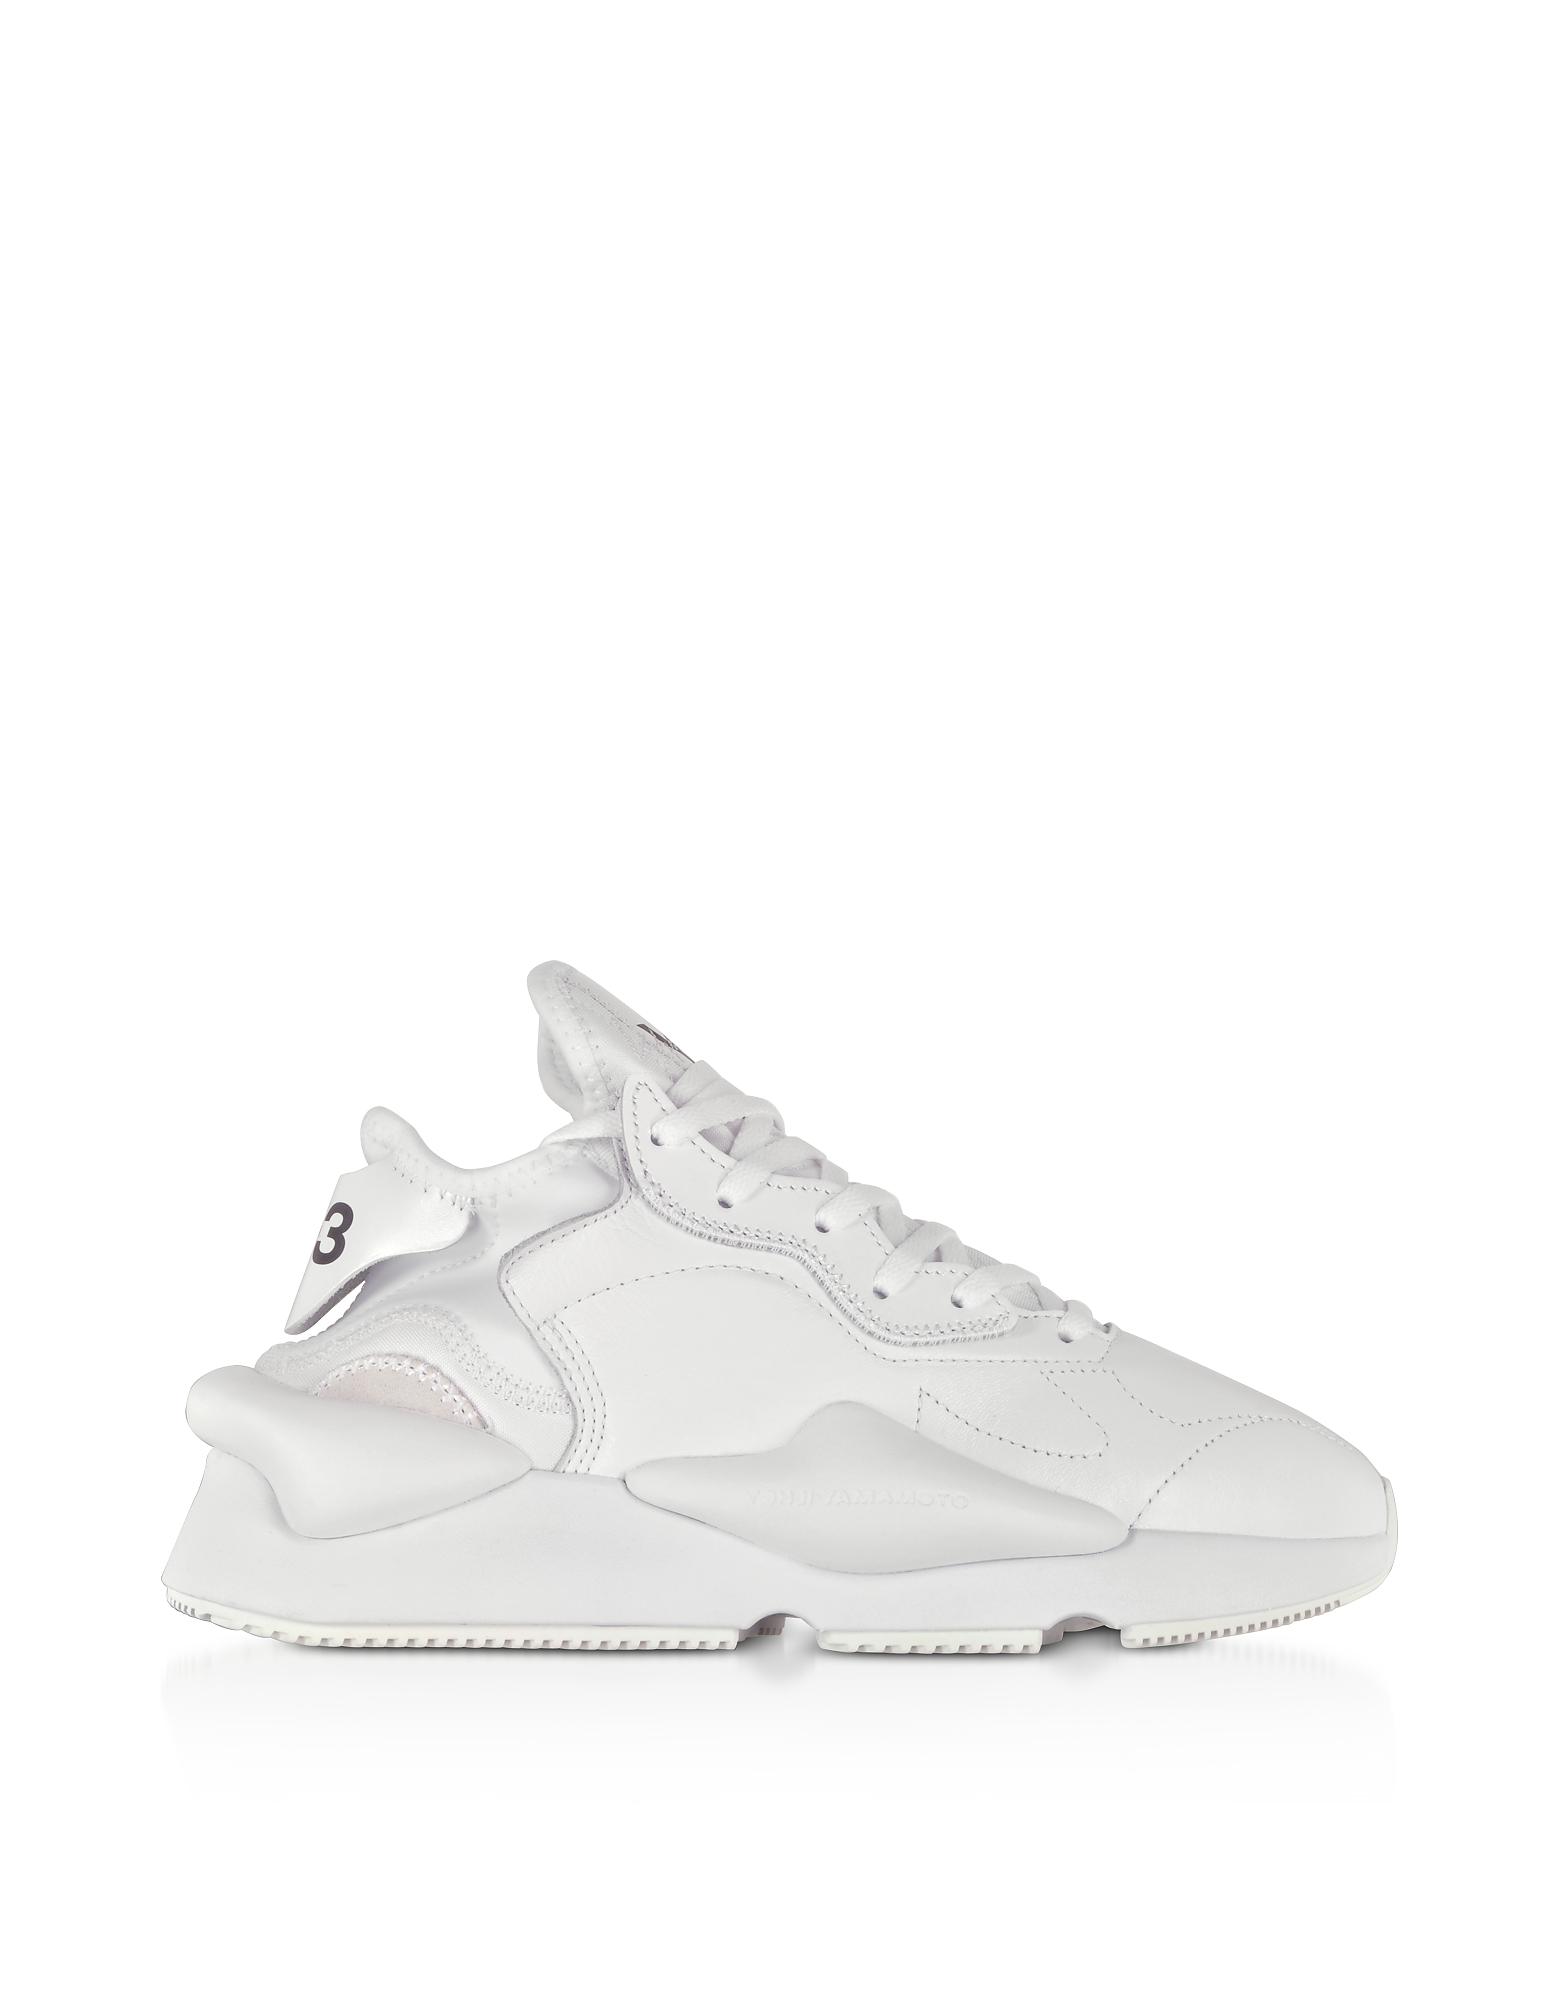 Kaiwa White Leather Unisex Sneakers